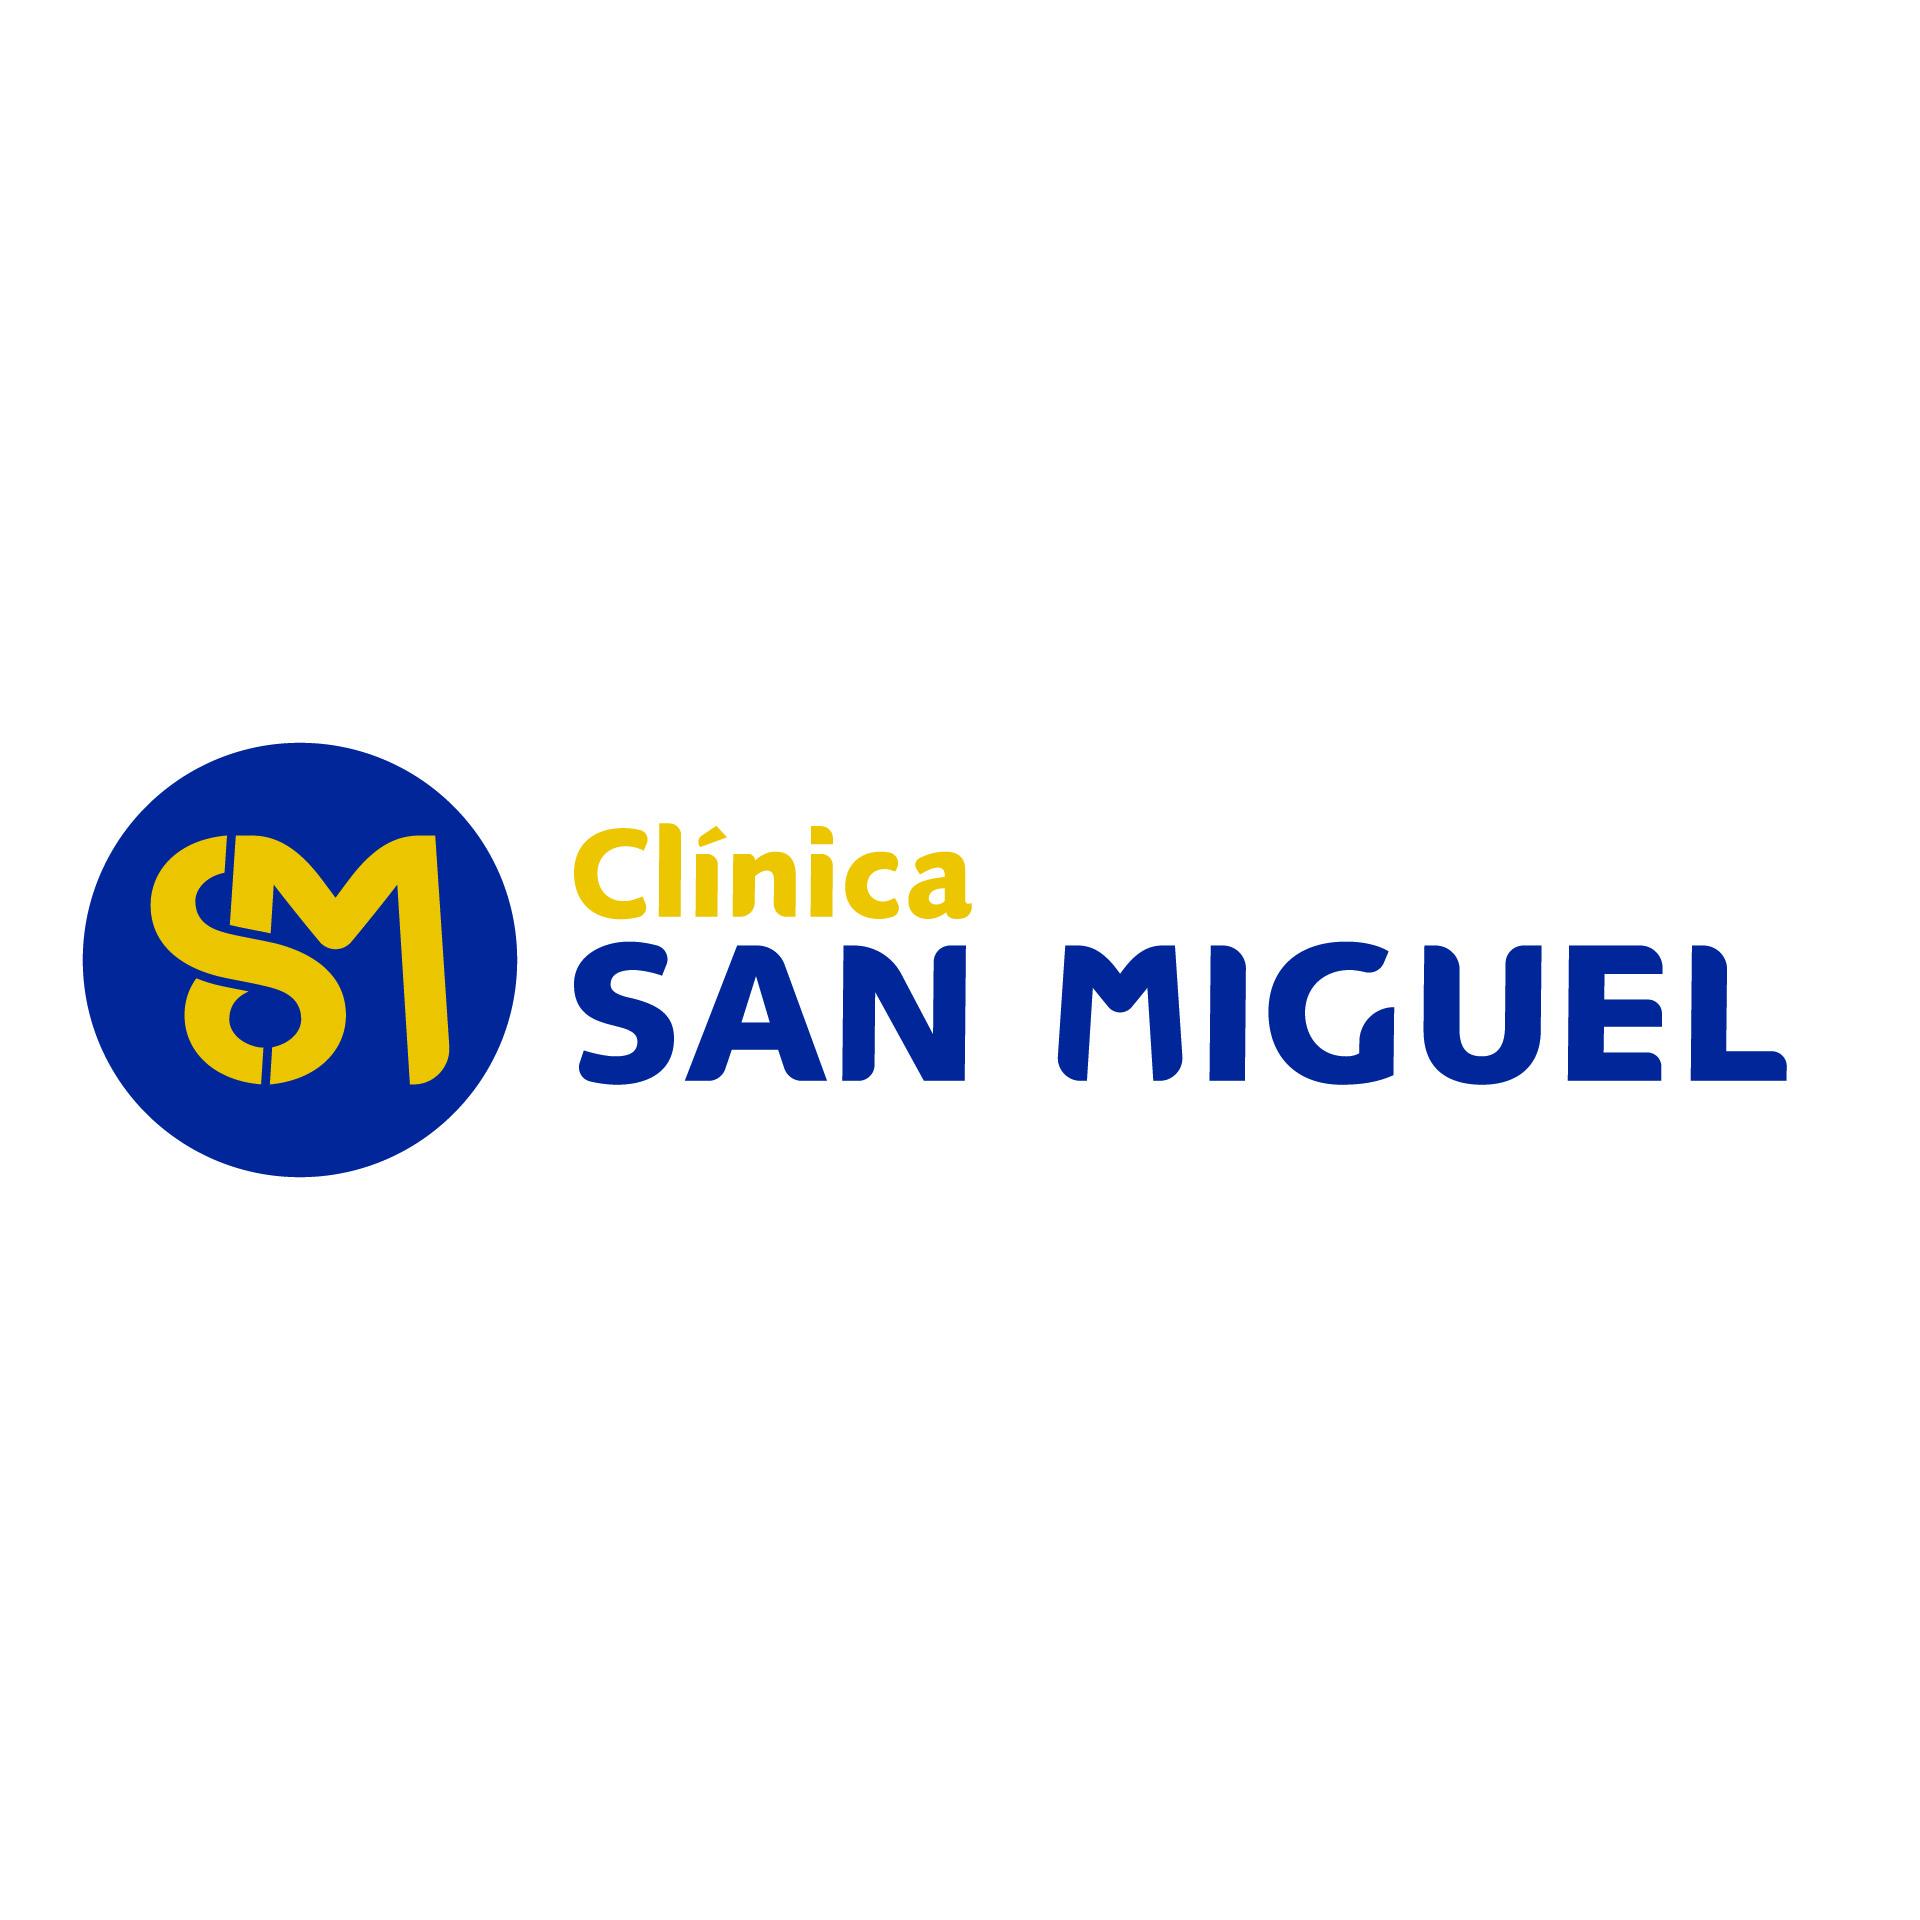 Diseño de Identidad Visual y Logotipo para la Clínica San Miguel